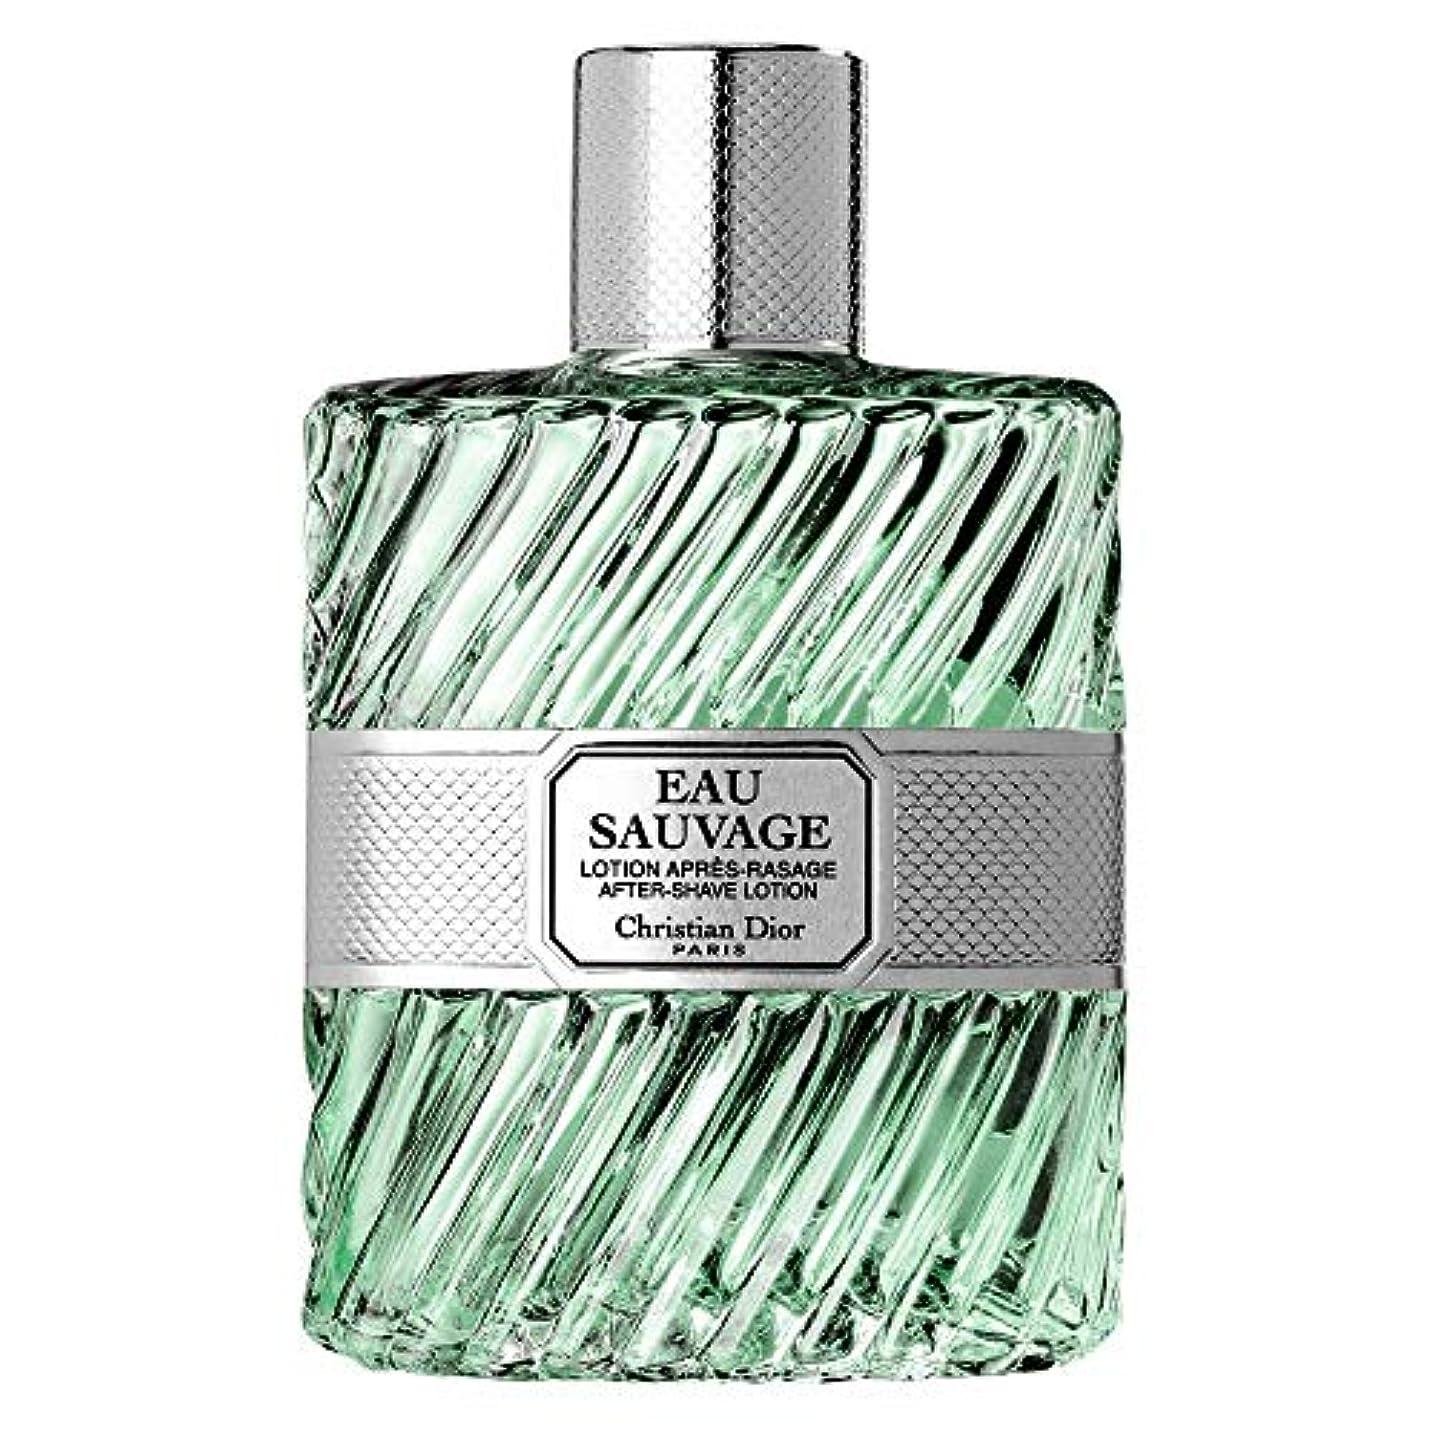 早める基準ガラガラ[Dior] ローションスプレー100Mlとしてディオールオーソバージュ - Dior Eau Sauvage AS Lotion Spray 100ml [並行輸入品]